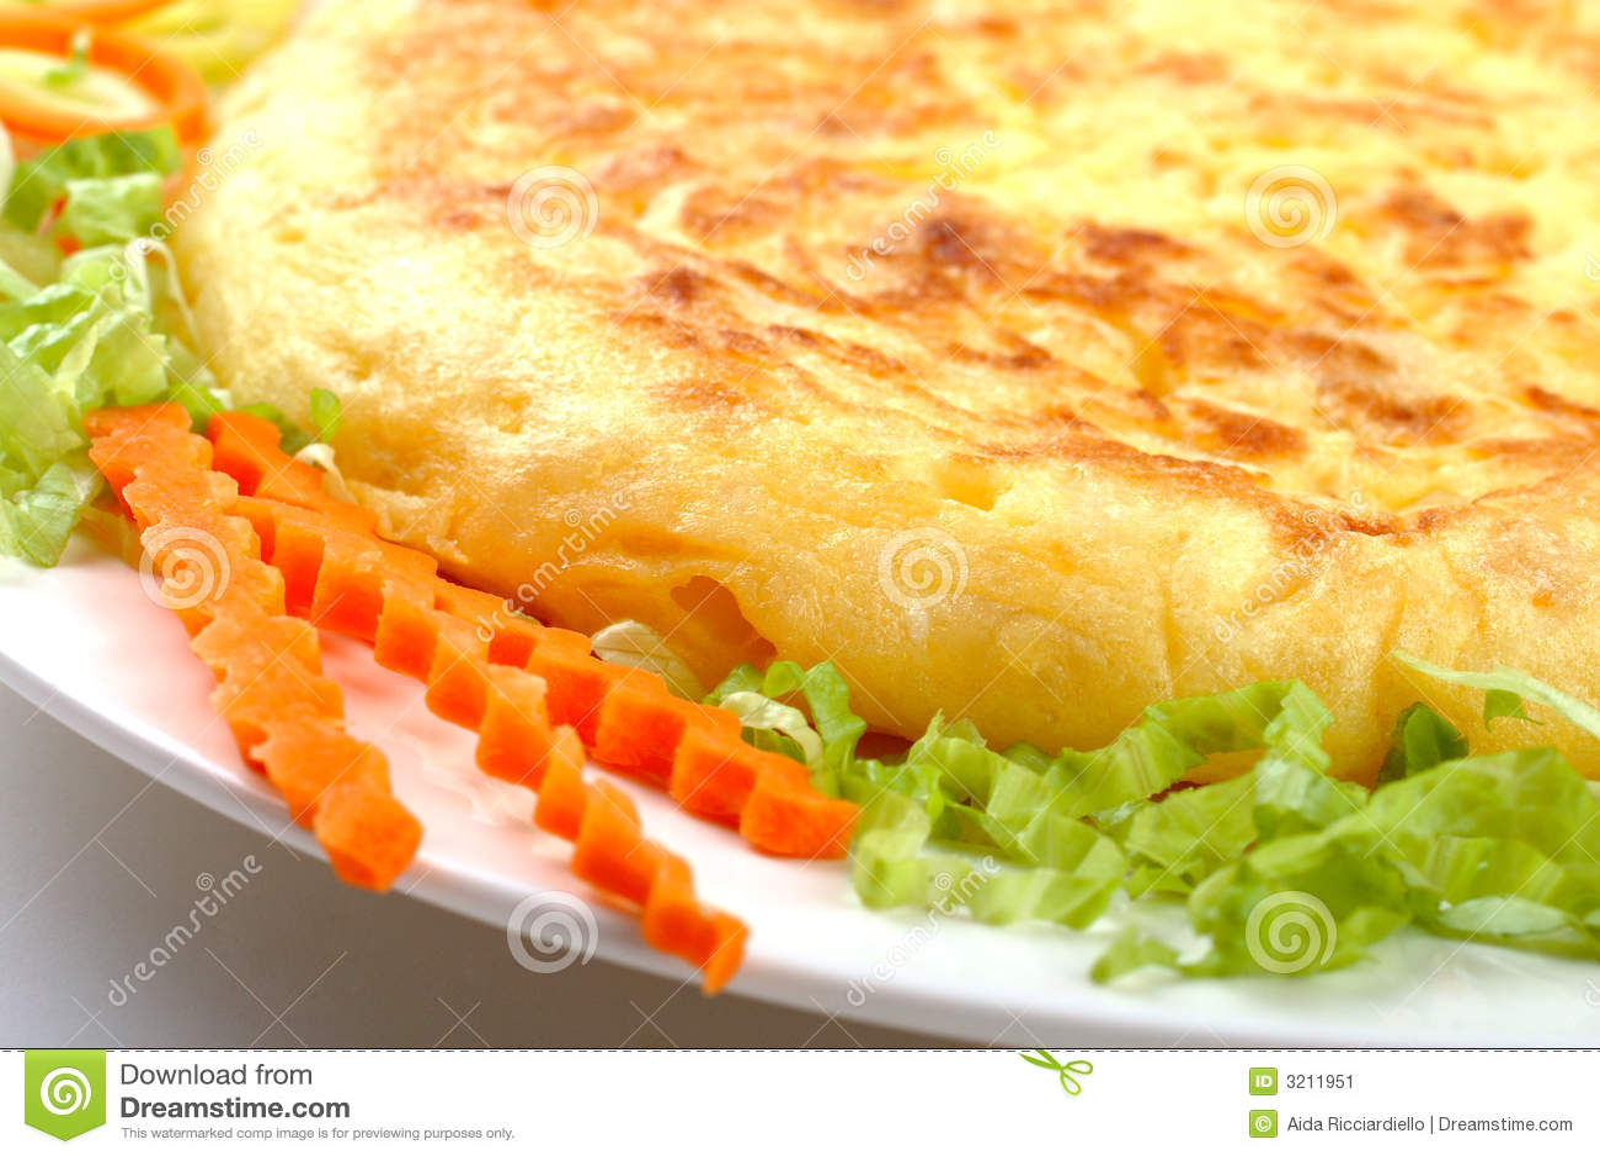 Spanisches Omelett 02